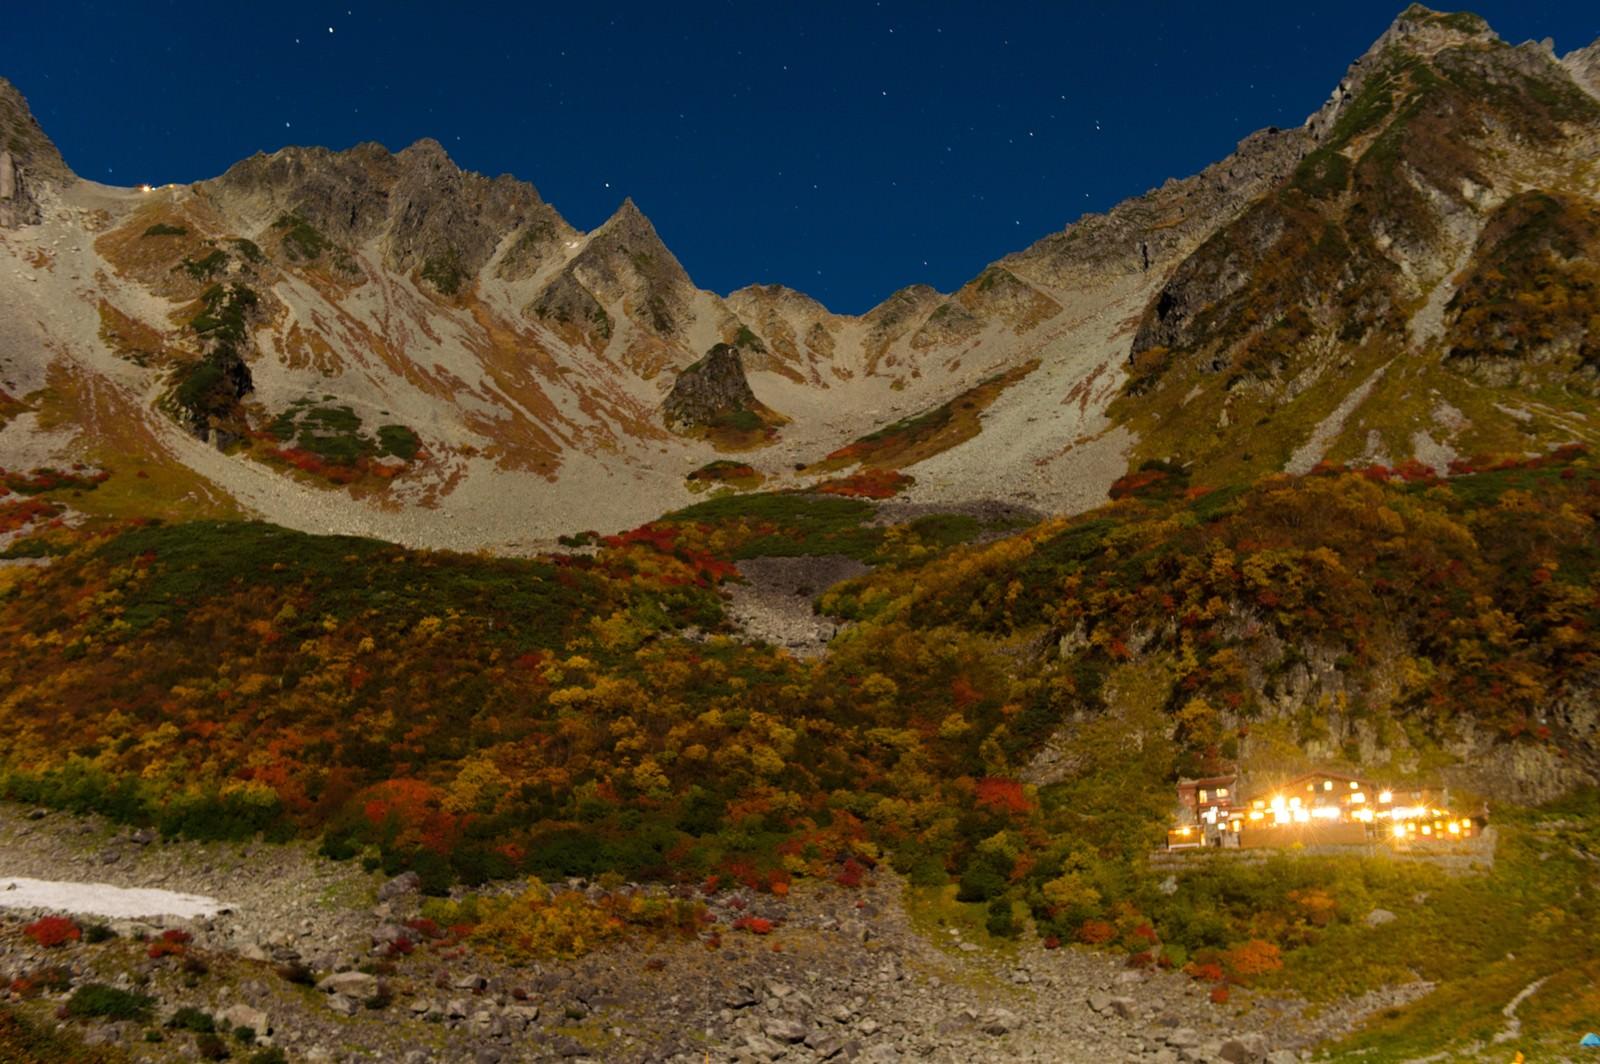 「星がまたたく紅葉シーズンの涸沢カールの夜」の写真